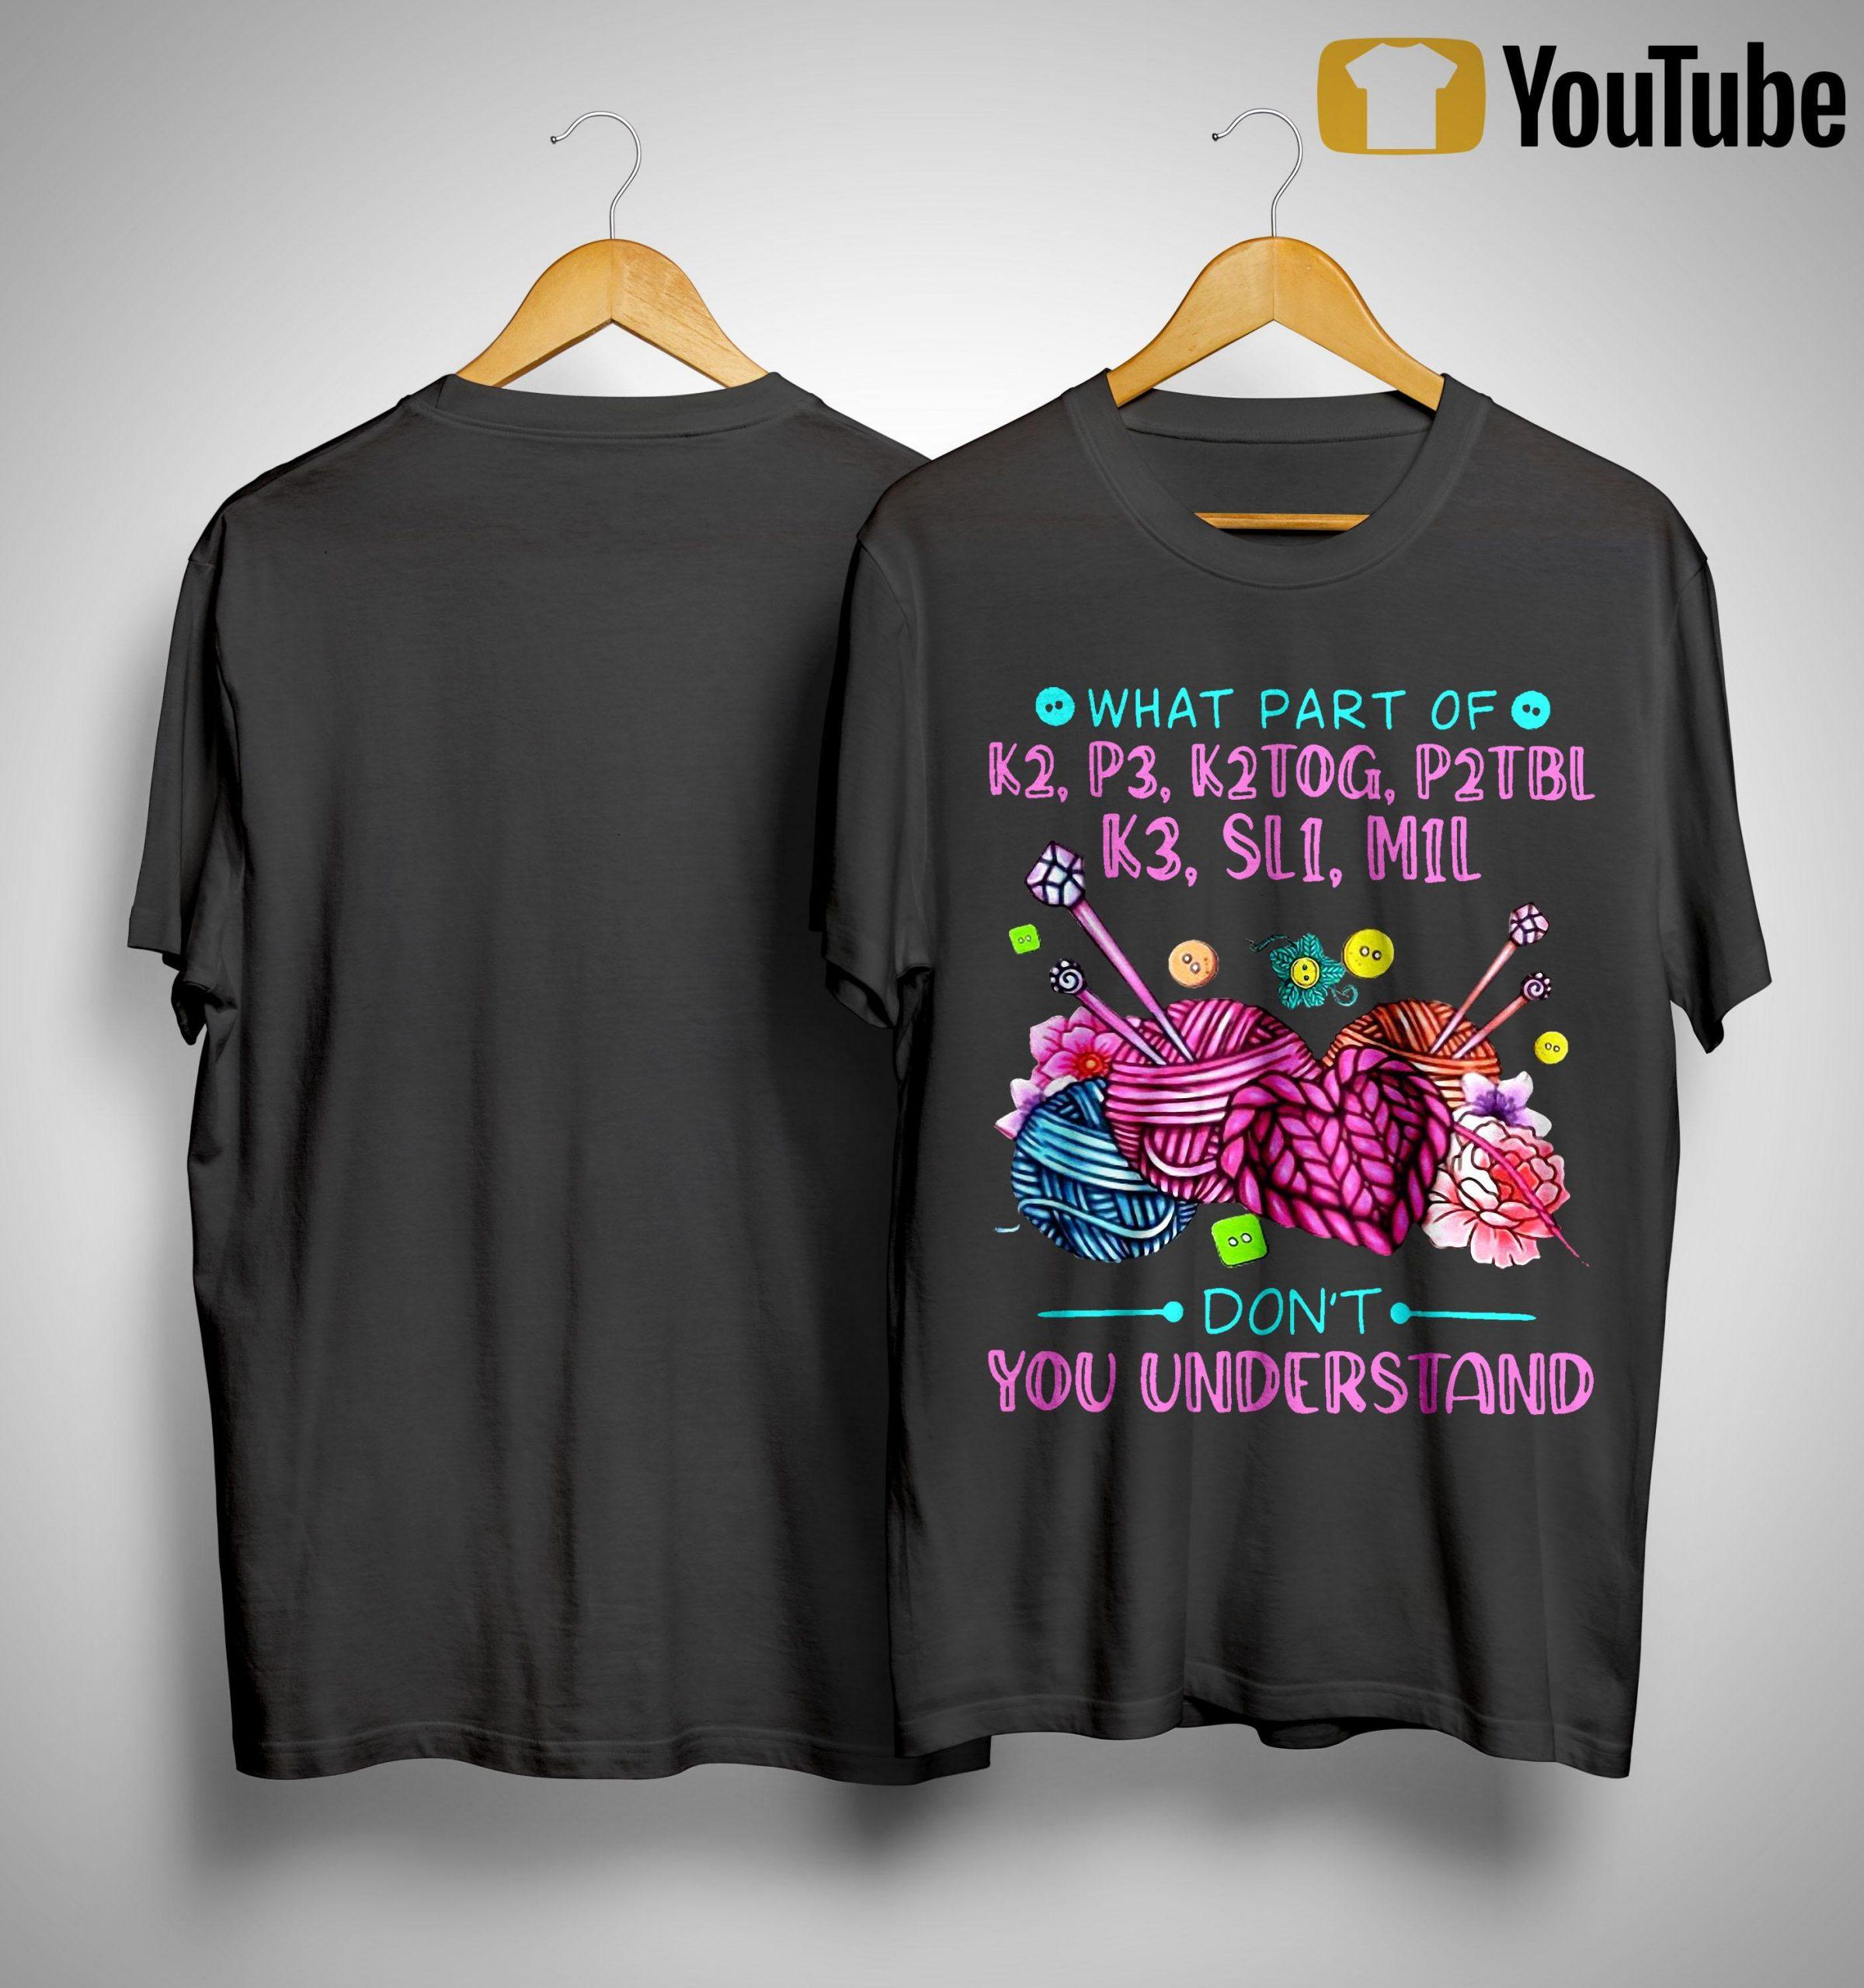 What Part Of K2 K3 K2tog P2tbl K3 Sl1 S1l Don't You Understand Shirt